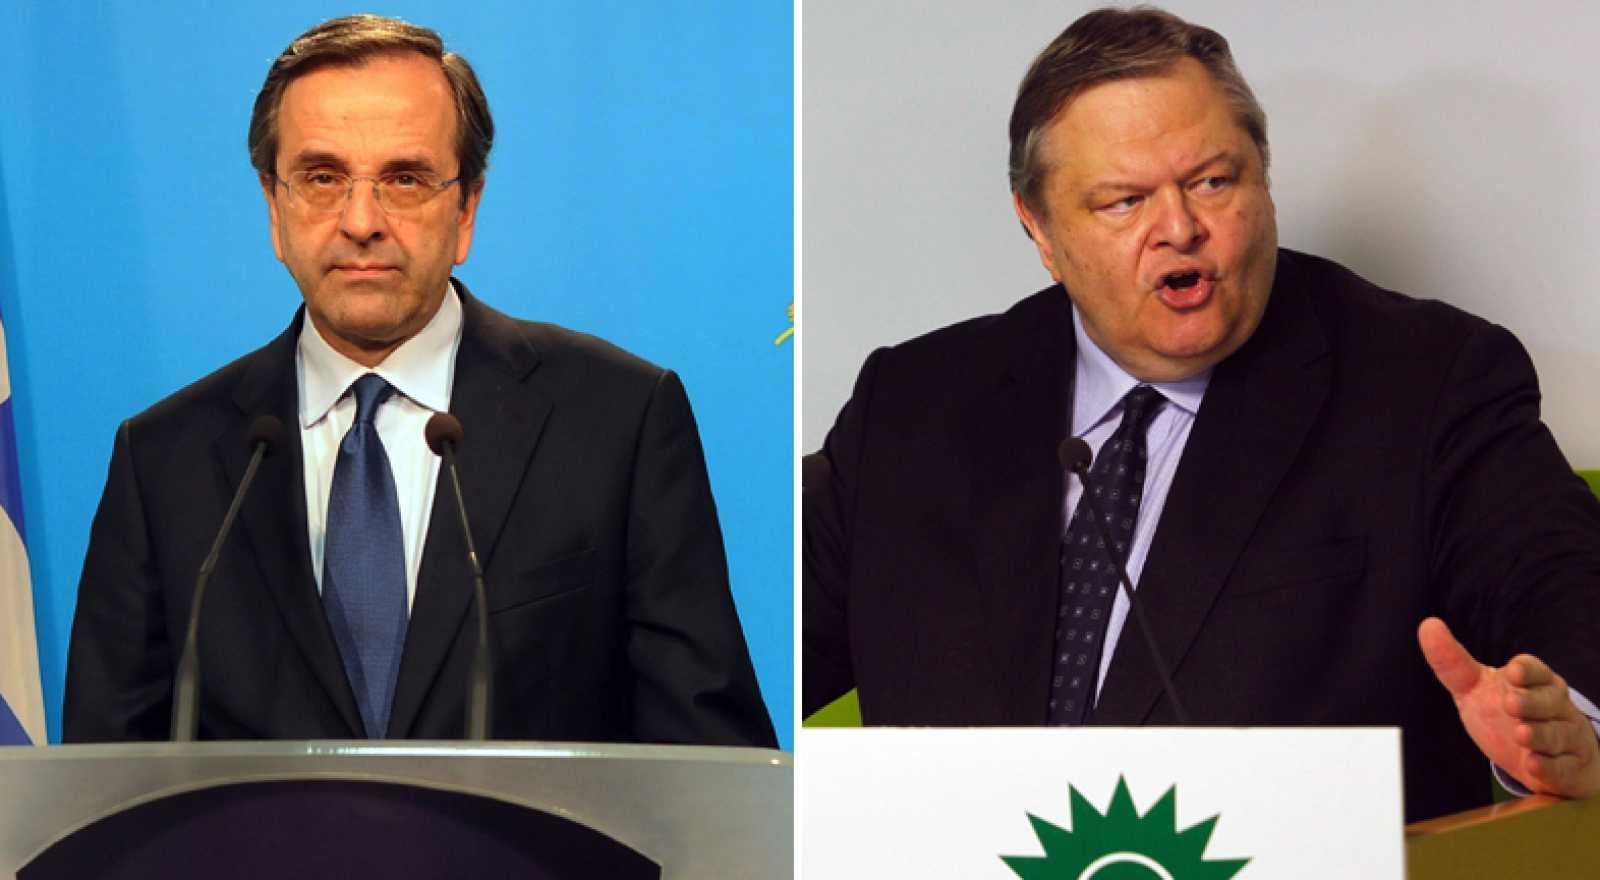 ELECCIONES PRESIDENCIALES GRECIA 2012